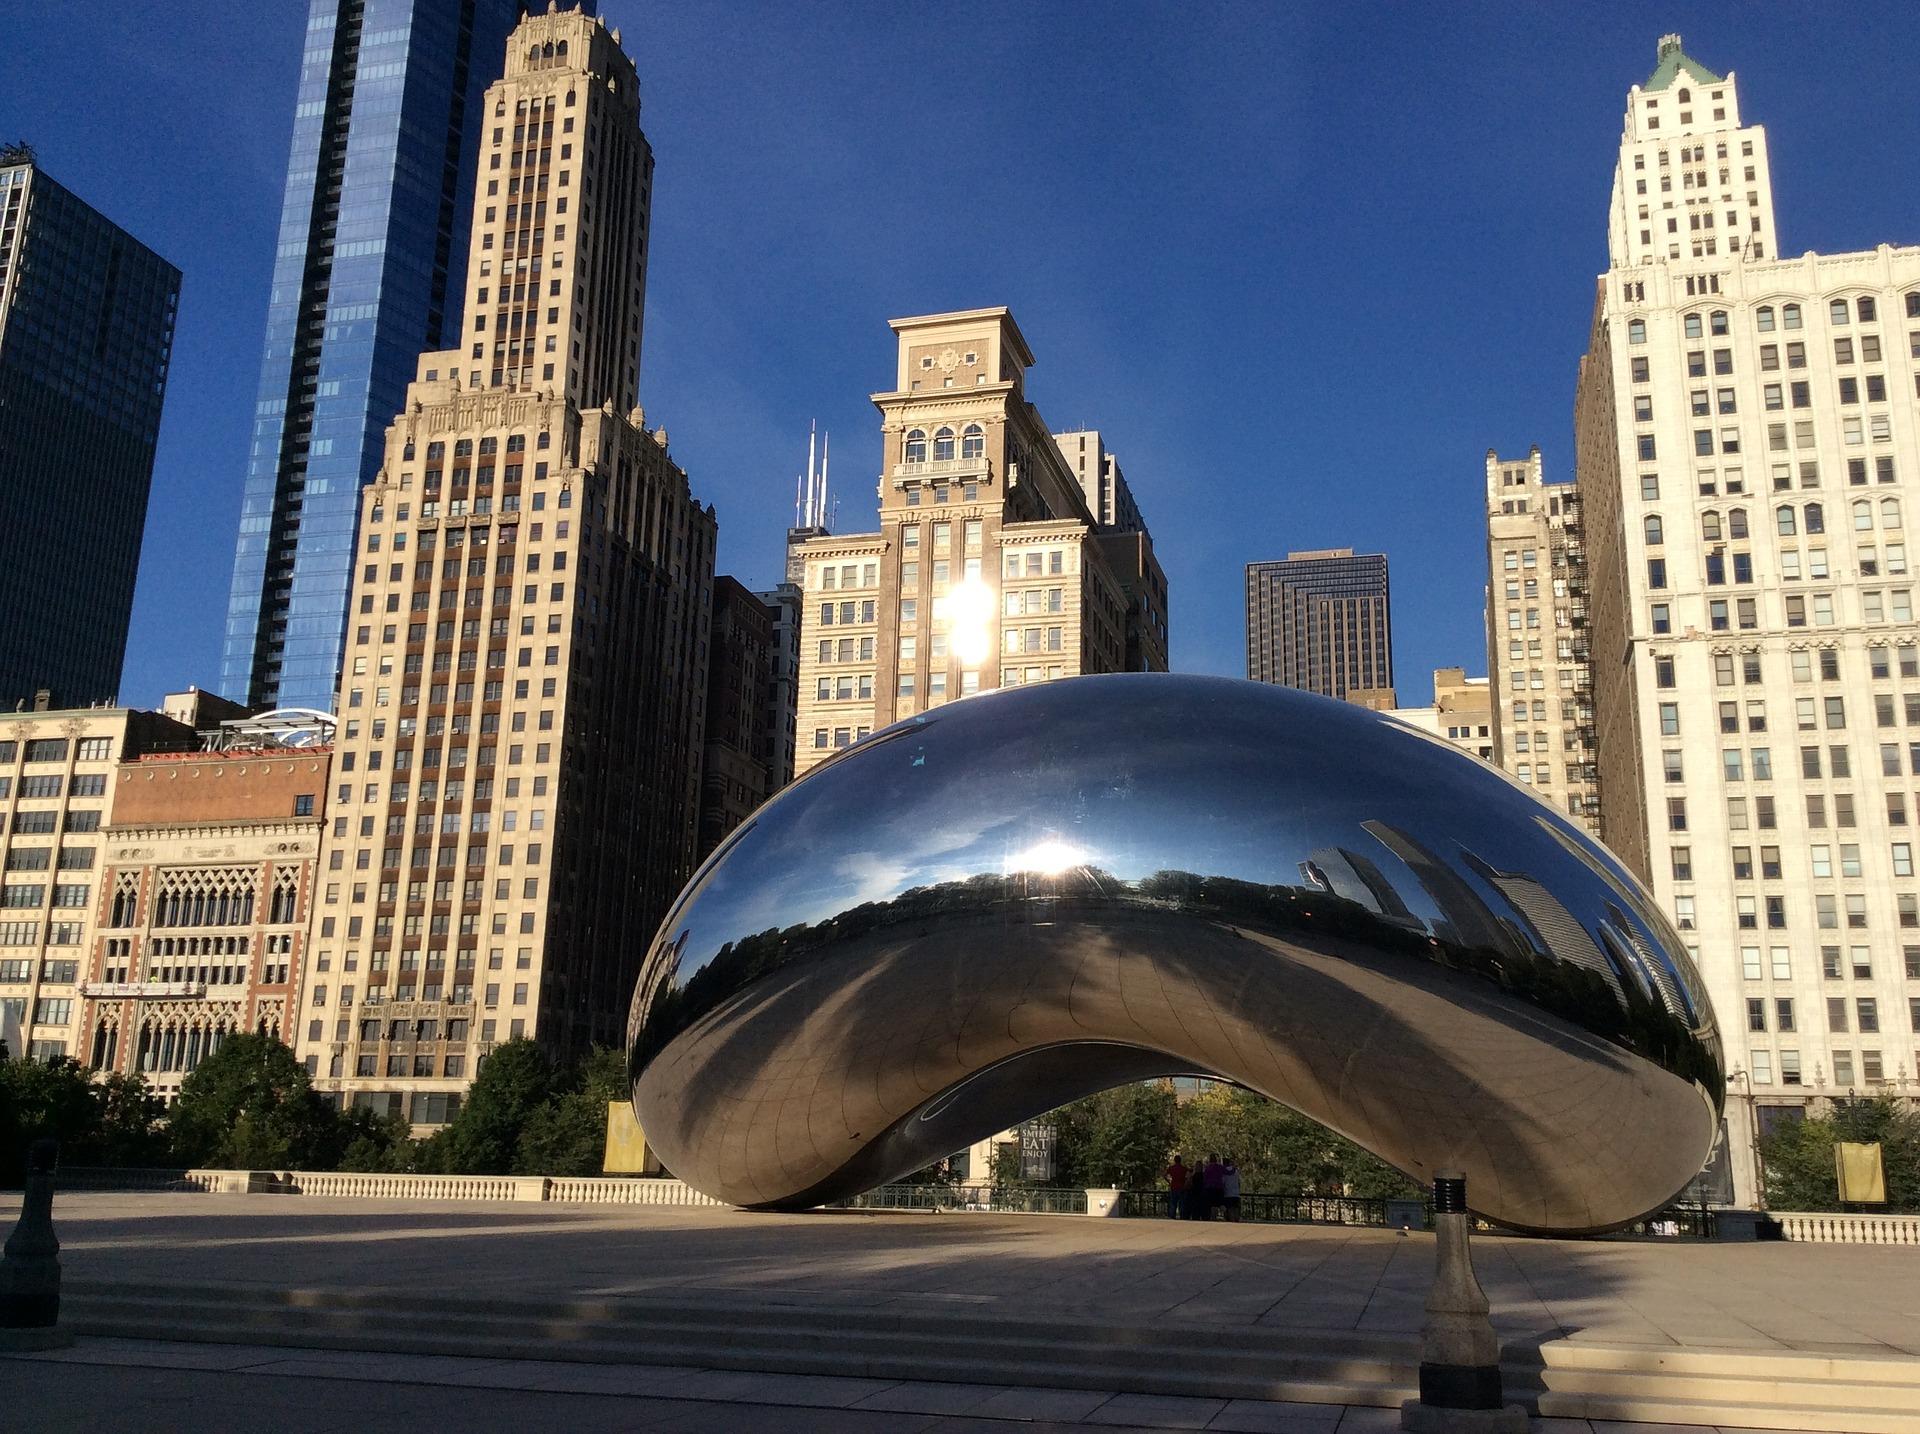 chicago-972209_1920.jpg